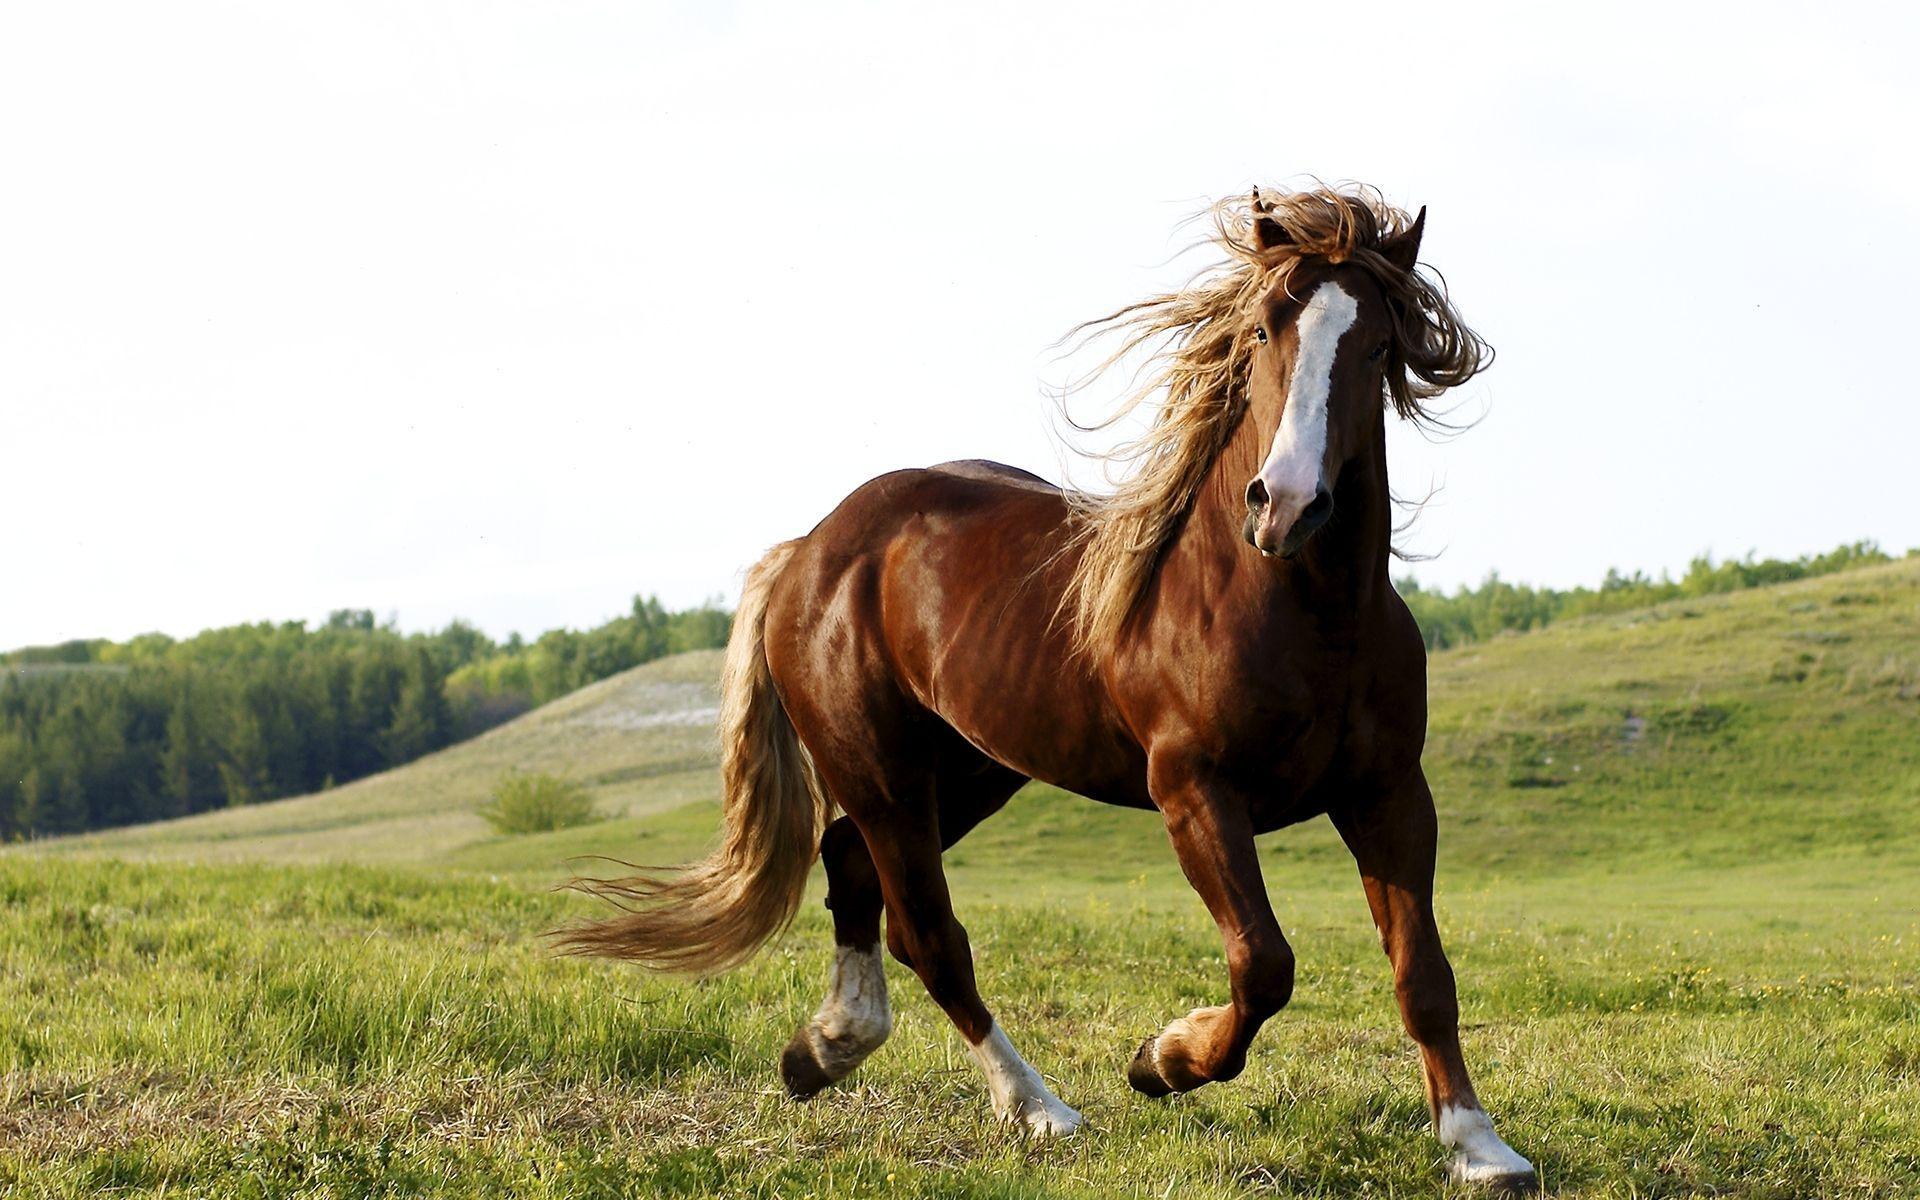 Horse Wallpaper Widescreen #14200 - Ehiyo.